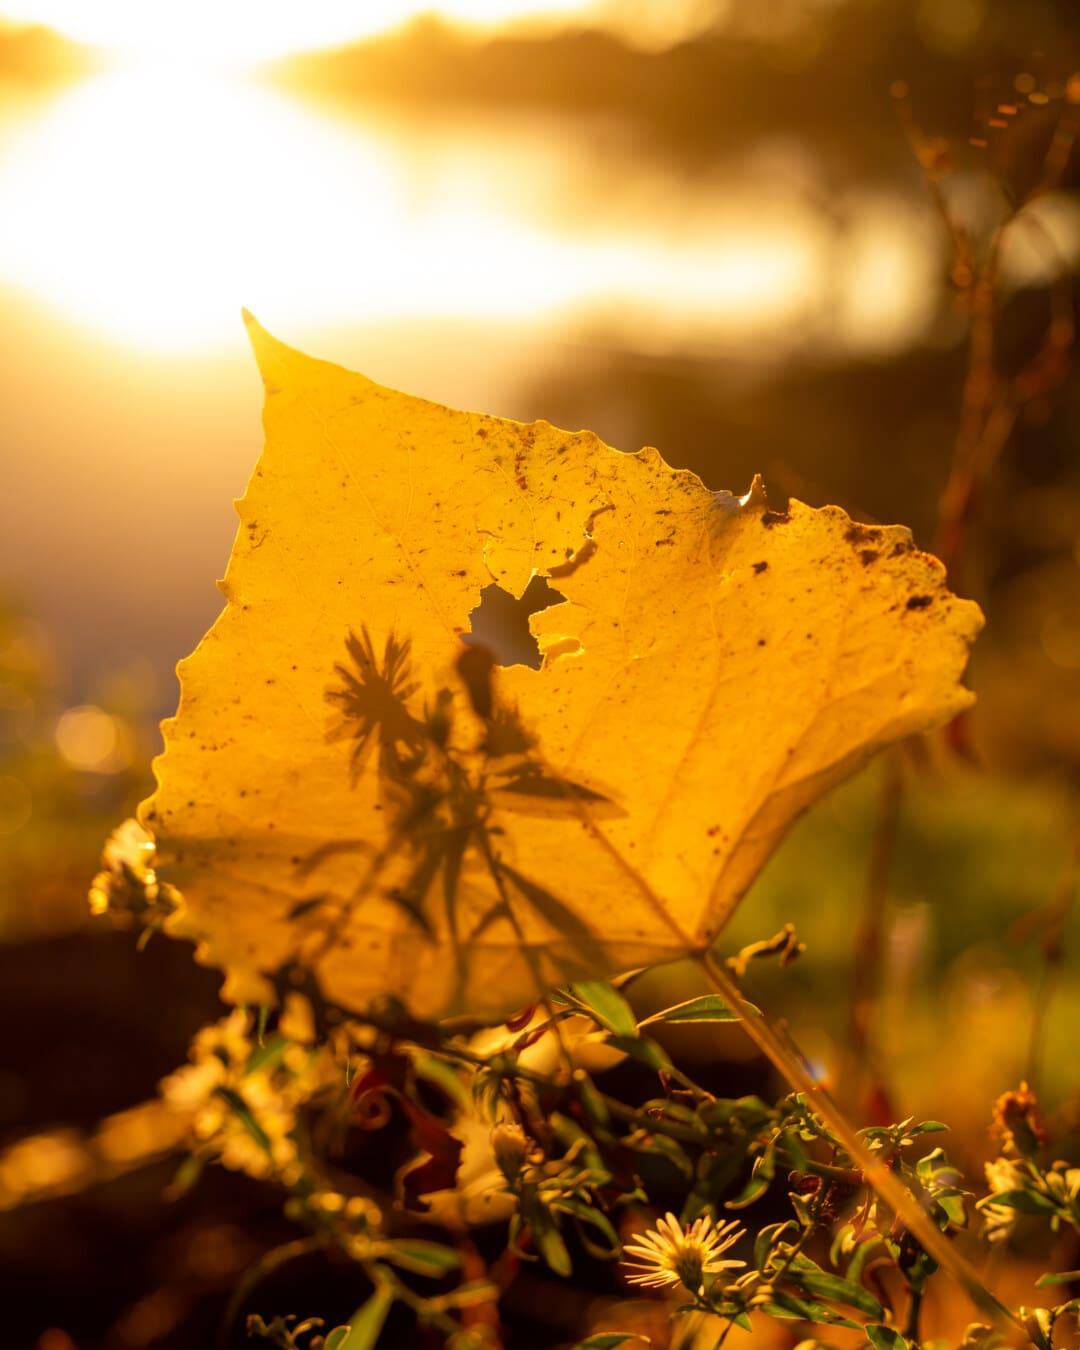 Sollys, baggrundsbelyst, solrig, blad, lyse, gyldne glød, gennemsigtig, helt tæt, græsklædte, orange gul